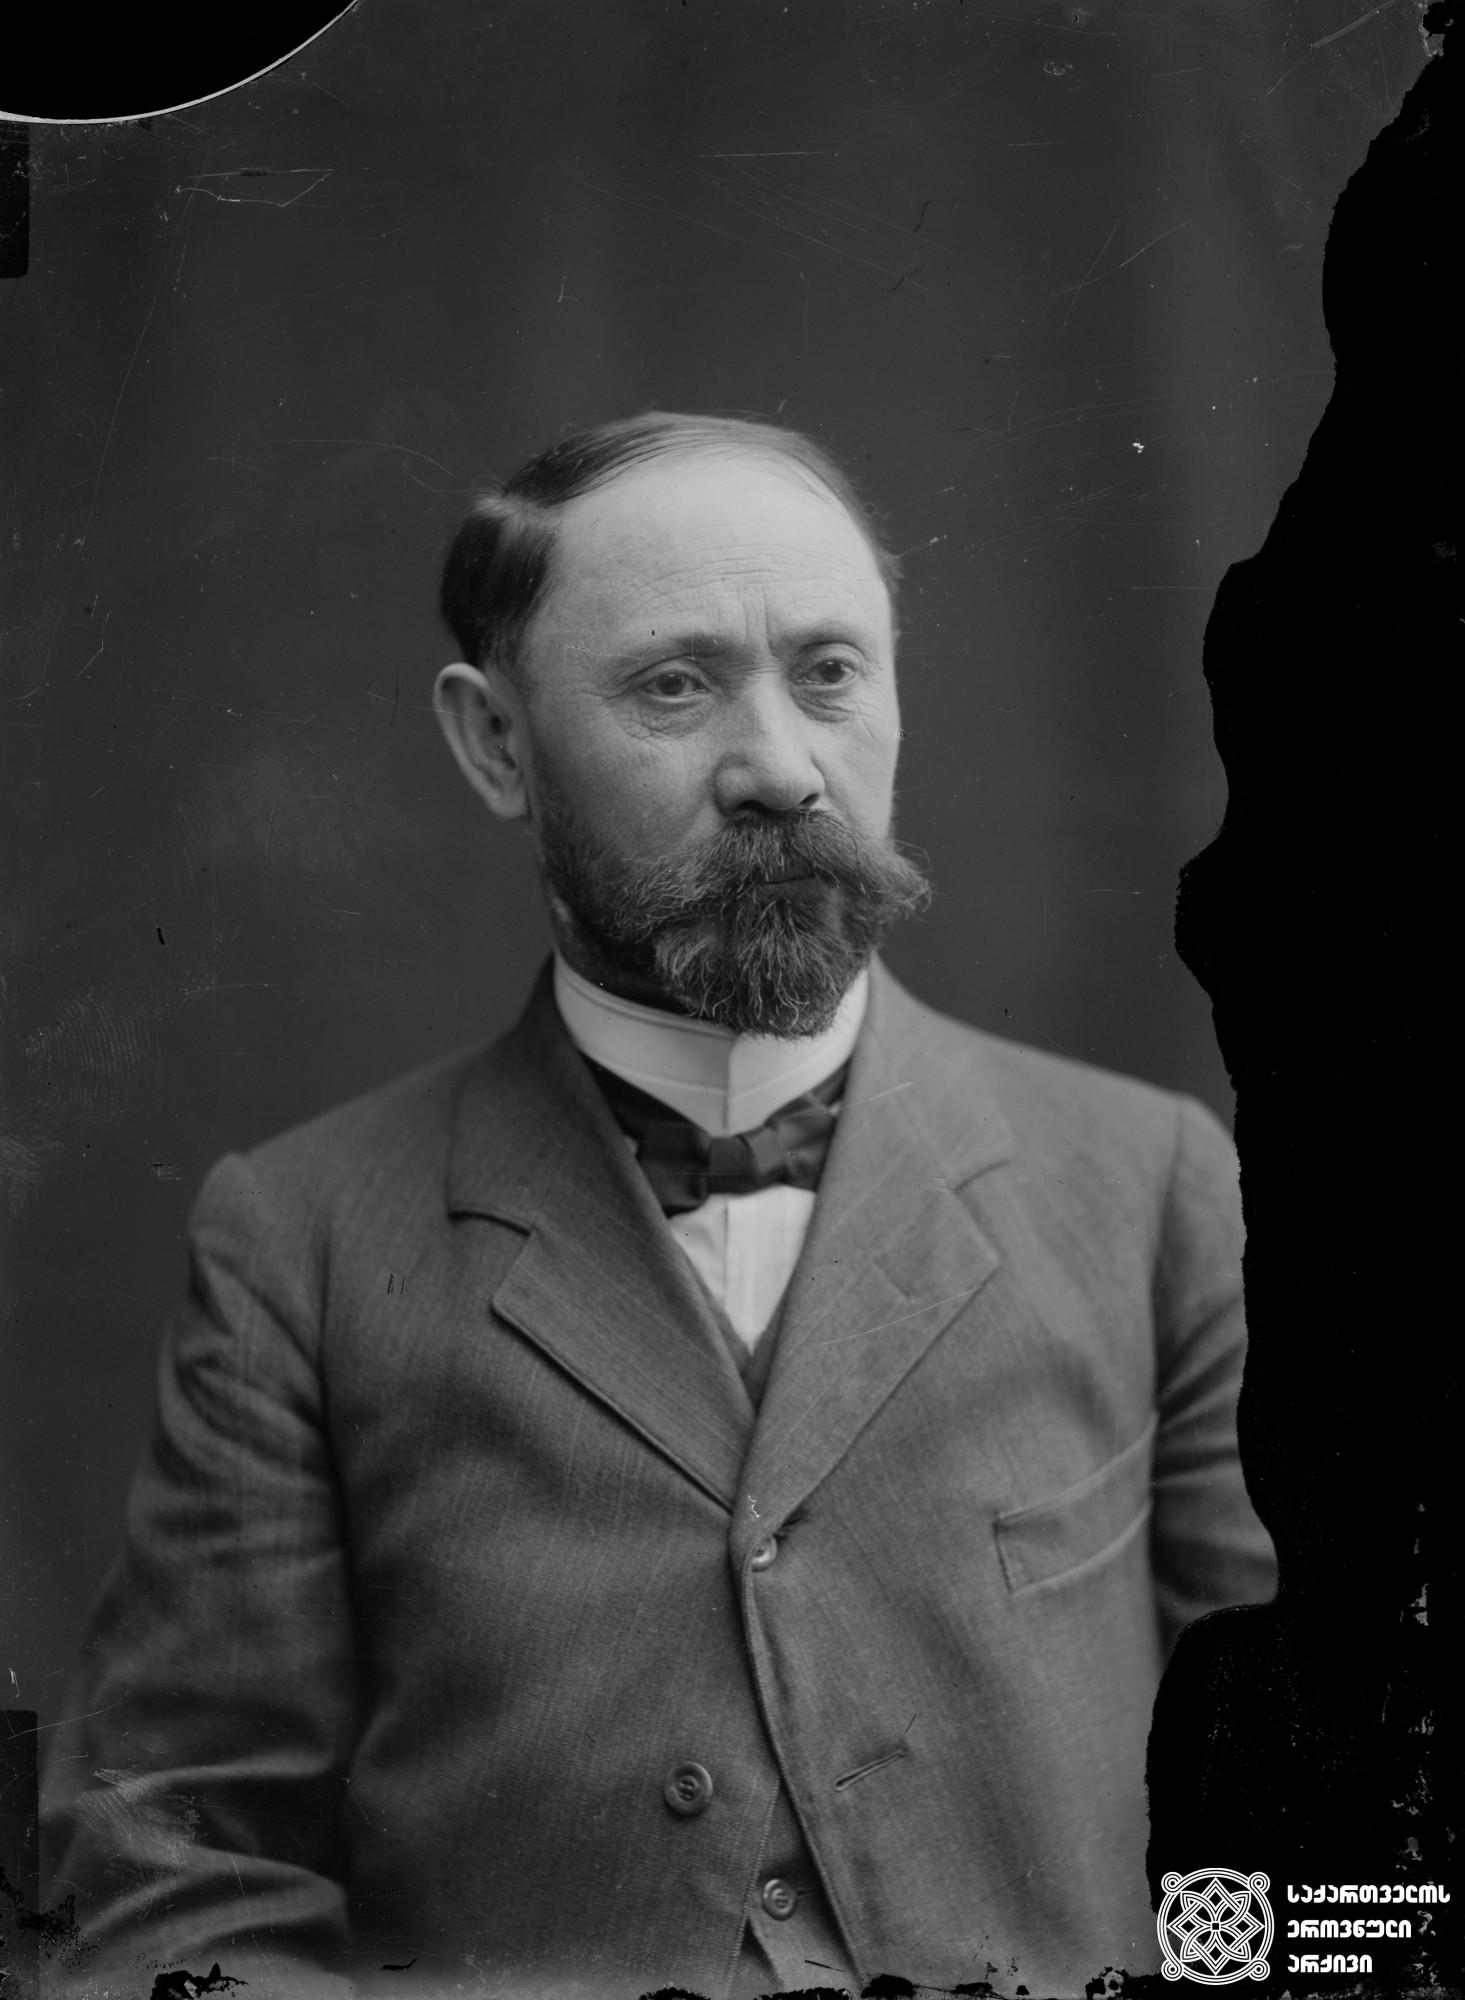 მწერალი შიო მღვიმელი (1866-1933). <br> მინის ნეგატივი 12X16. <br> Writer Shio Mghvimeli (1866-1933). <br> Glass negative 12X16. <br>